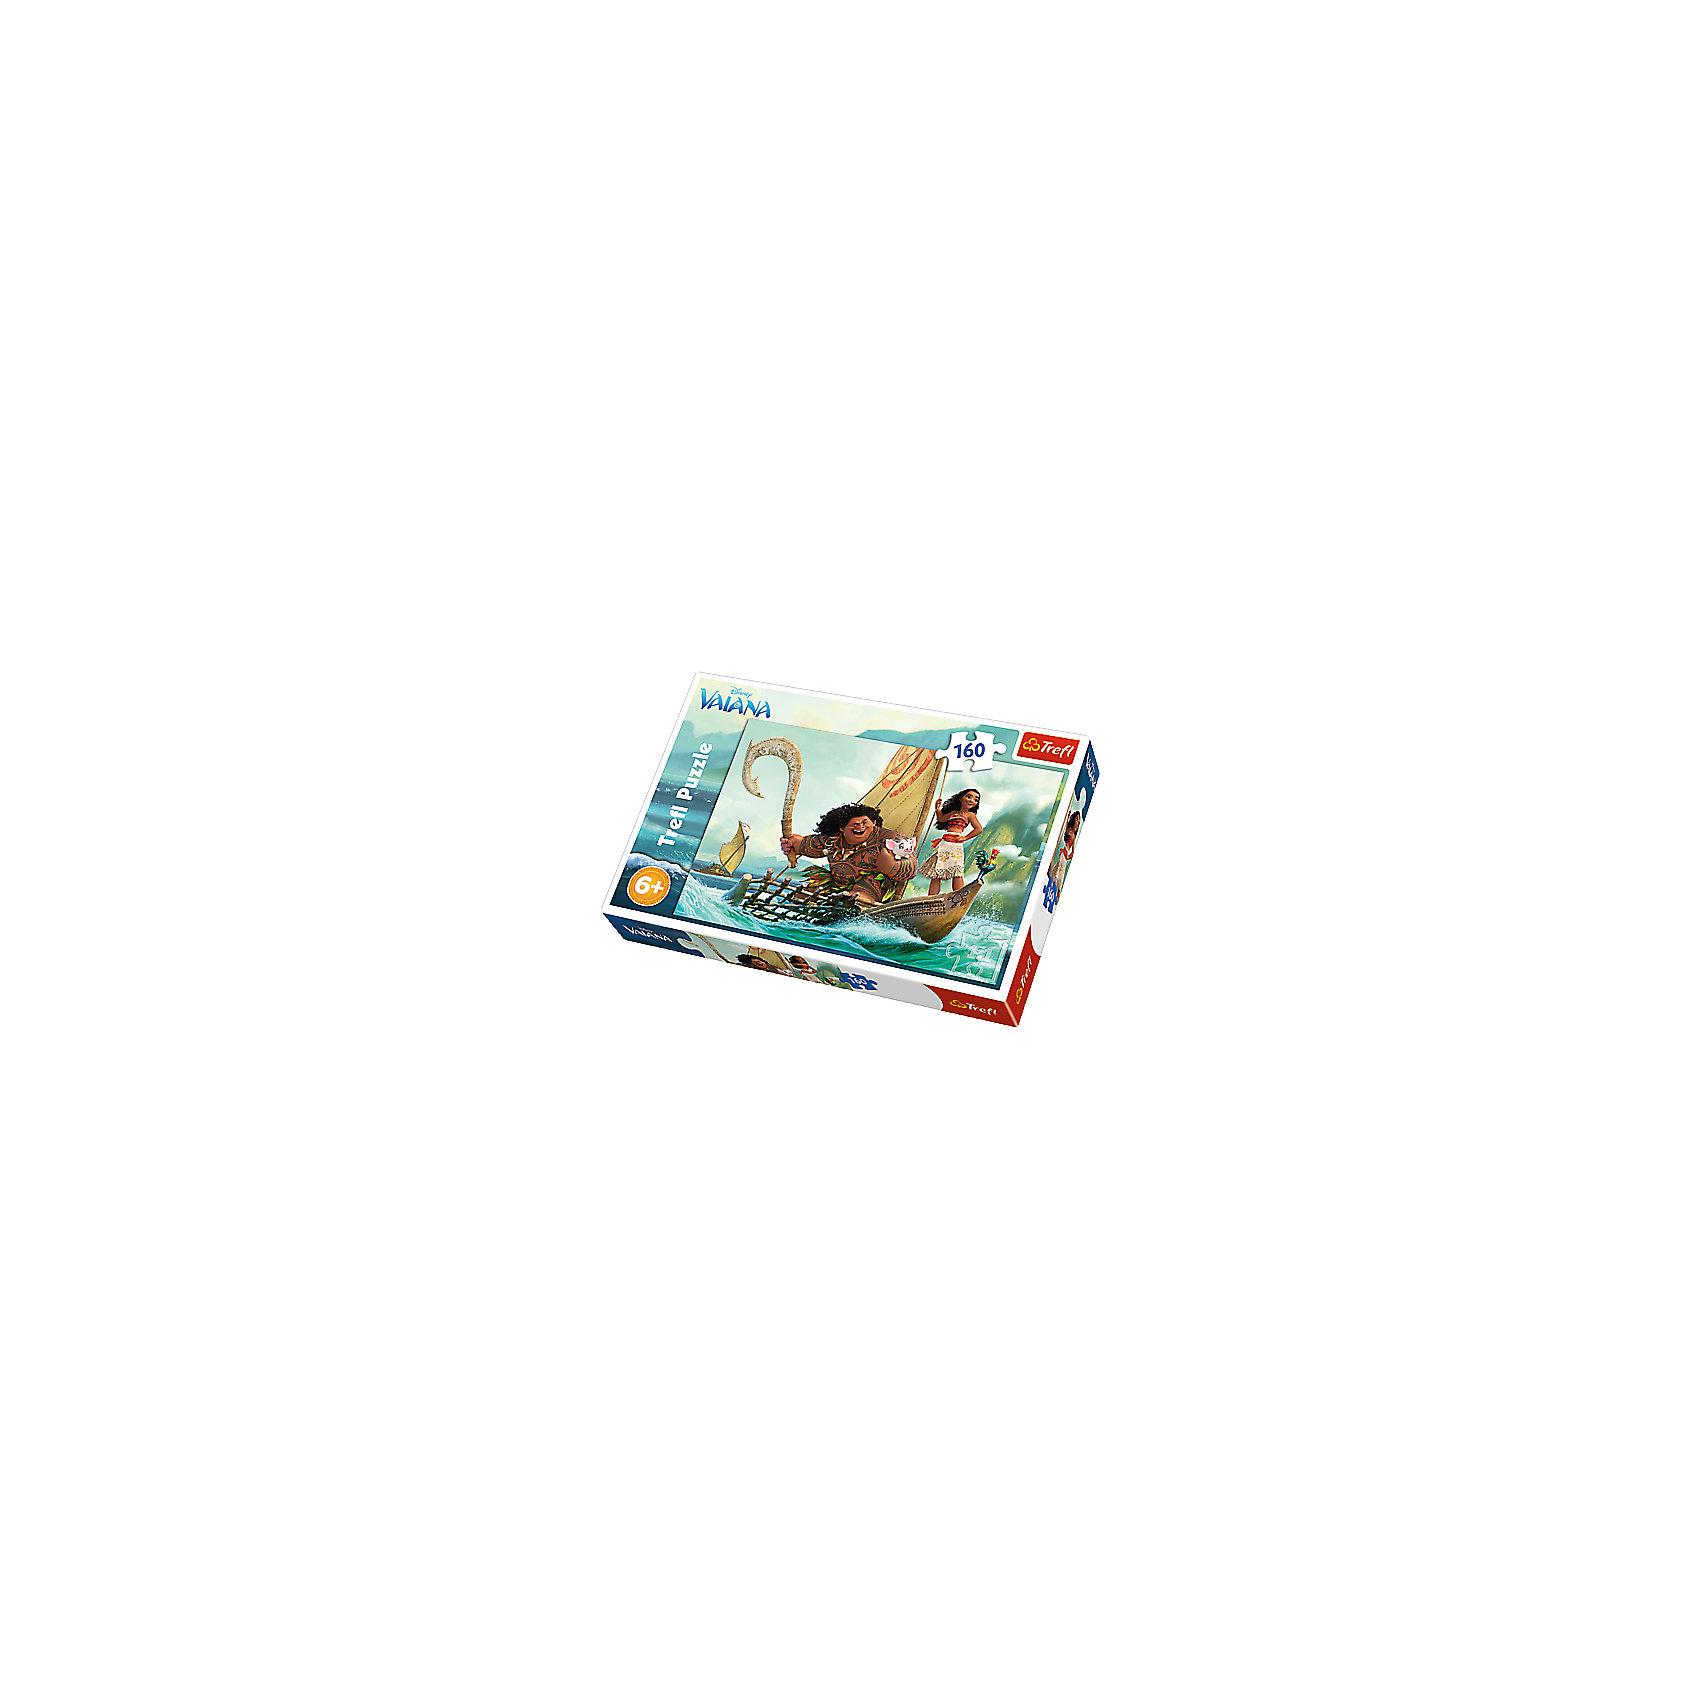 Пазл «Моана и Мауи», 160 деталей, TreflПазлы для детей постарше<br>Характеристики товара:<br><br>• возраст от 6 лет;<br>• материал: картон;<br>• в комплекте: 160 элементов;<br>• размер пазла 41х28 см;<br>• размер упаковки 28,8х19,3х4,1 см;<br>• вес упаковки 305 гр.;<br>• страна производитель: Польша.<br><br>Пазл «Моана и Мауи» Trefl создан по мотивам известного мультфильма Дисней. На картинке изображены Моана и Мауи вместе со свинкой Пуа и петушком Хейхей, плывущие на лодке в поисках сказочного острова. Собирание пазла не просто увлекательное занятие, оно также развивает у детей внимательность, усидчивость, логическое мышление. Все детали выполнены из качественного плотного картона.<br><br>Пазл «Моана и Мауи» Trefl можно приобрести в нашем интернет-магазине.<br><br>Ширина мм: 291<br>Глубина мм: 195<br>Высота мм: 43<br>Вес г: 310<br>Возраст от месяцев: 72<br>Возраст до месяцев: 108<br>Пол: Женский<br>Возраст: Детский<br>Количество деталей: 160<br>SKU: 5390273